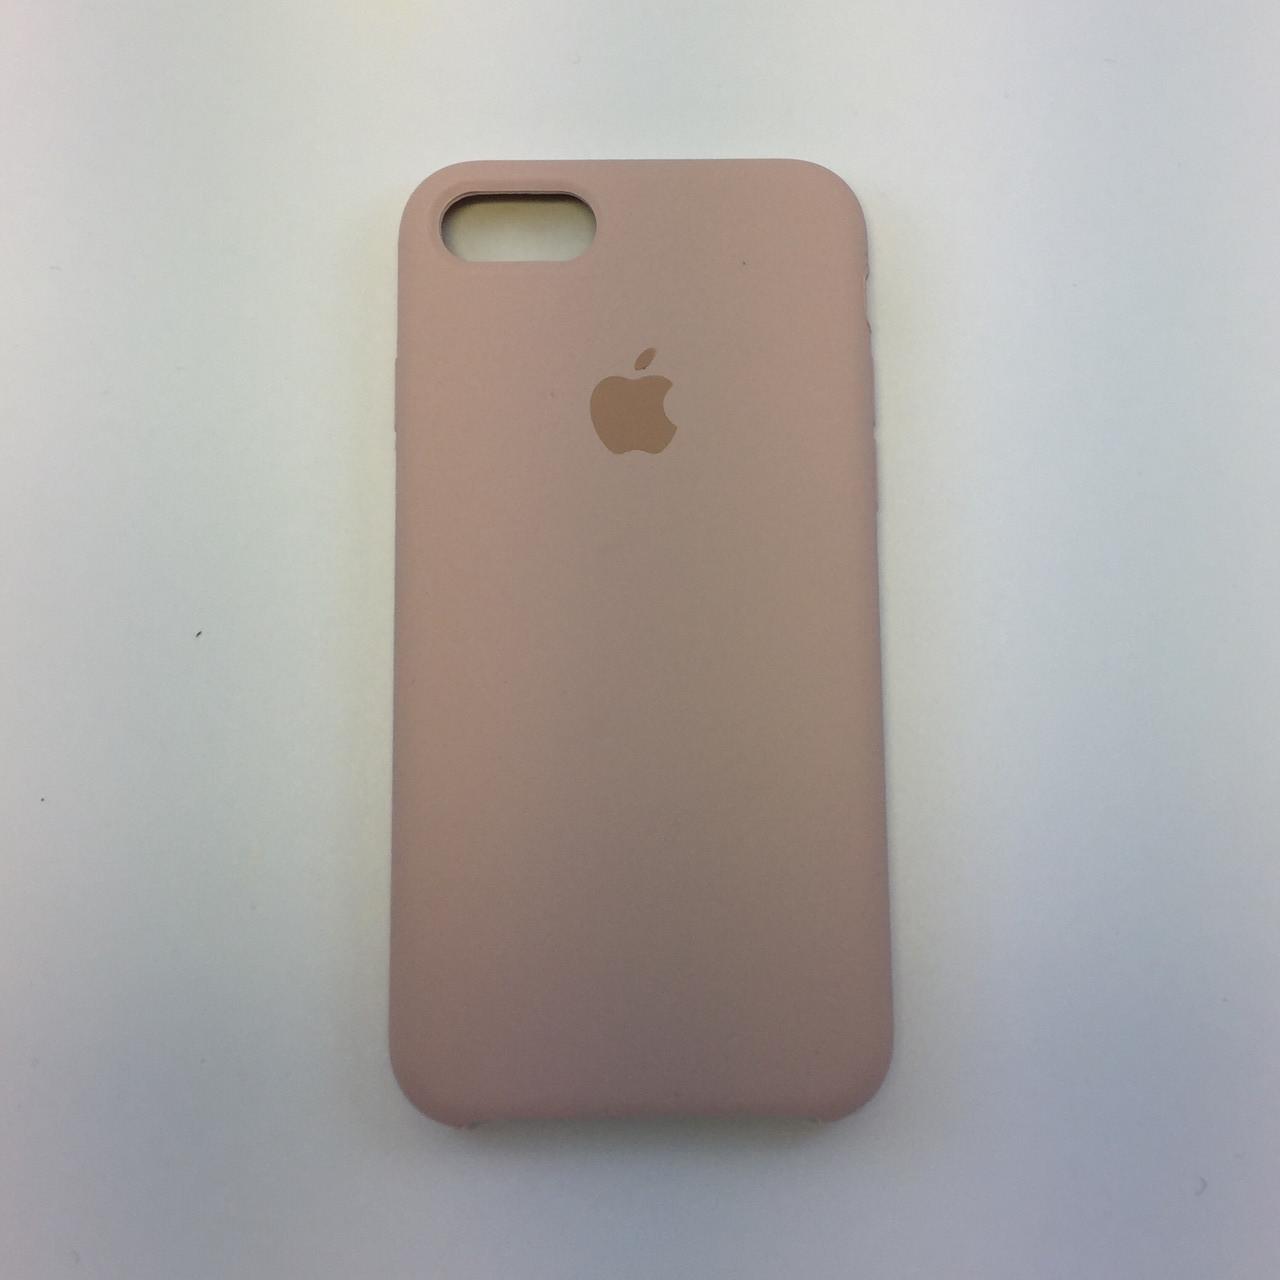 Силиконовый чехол iPhone 7 Plus / 8 Plus, пудра - pink send, copy original